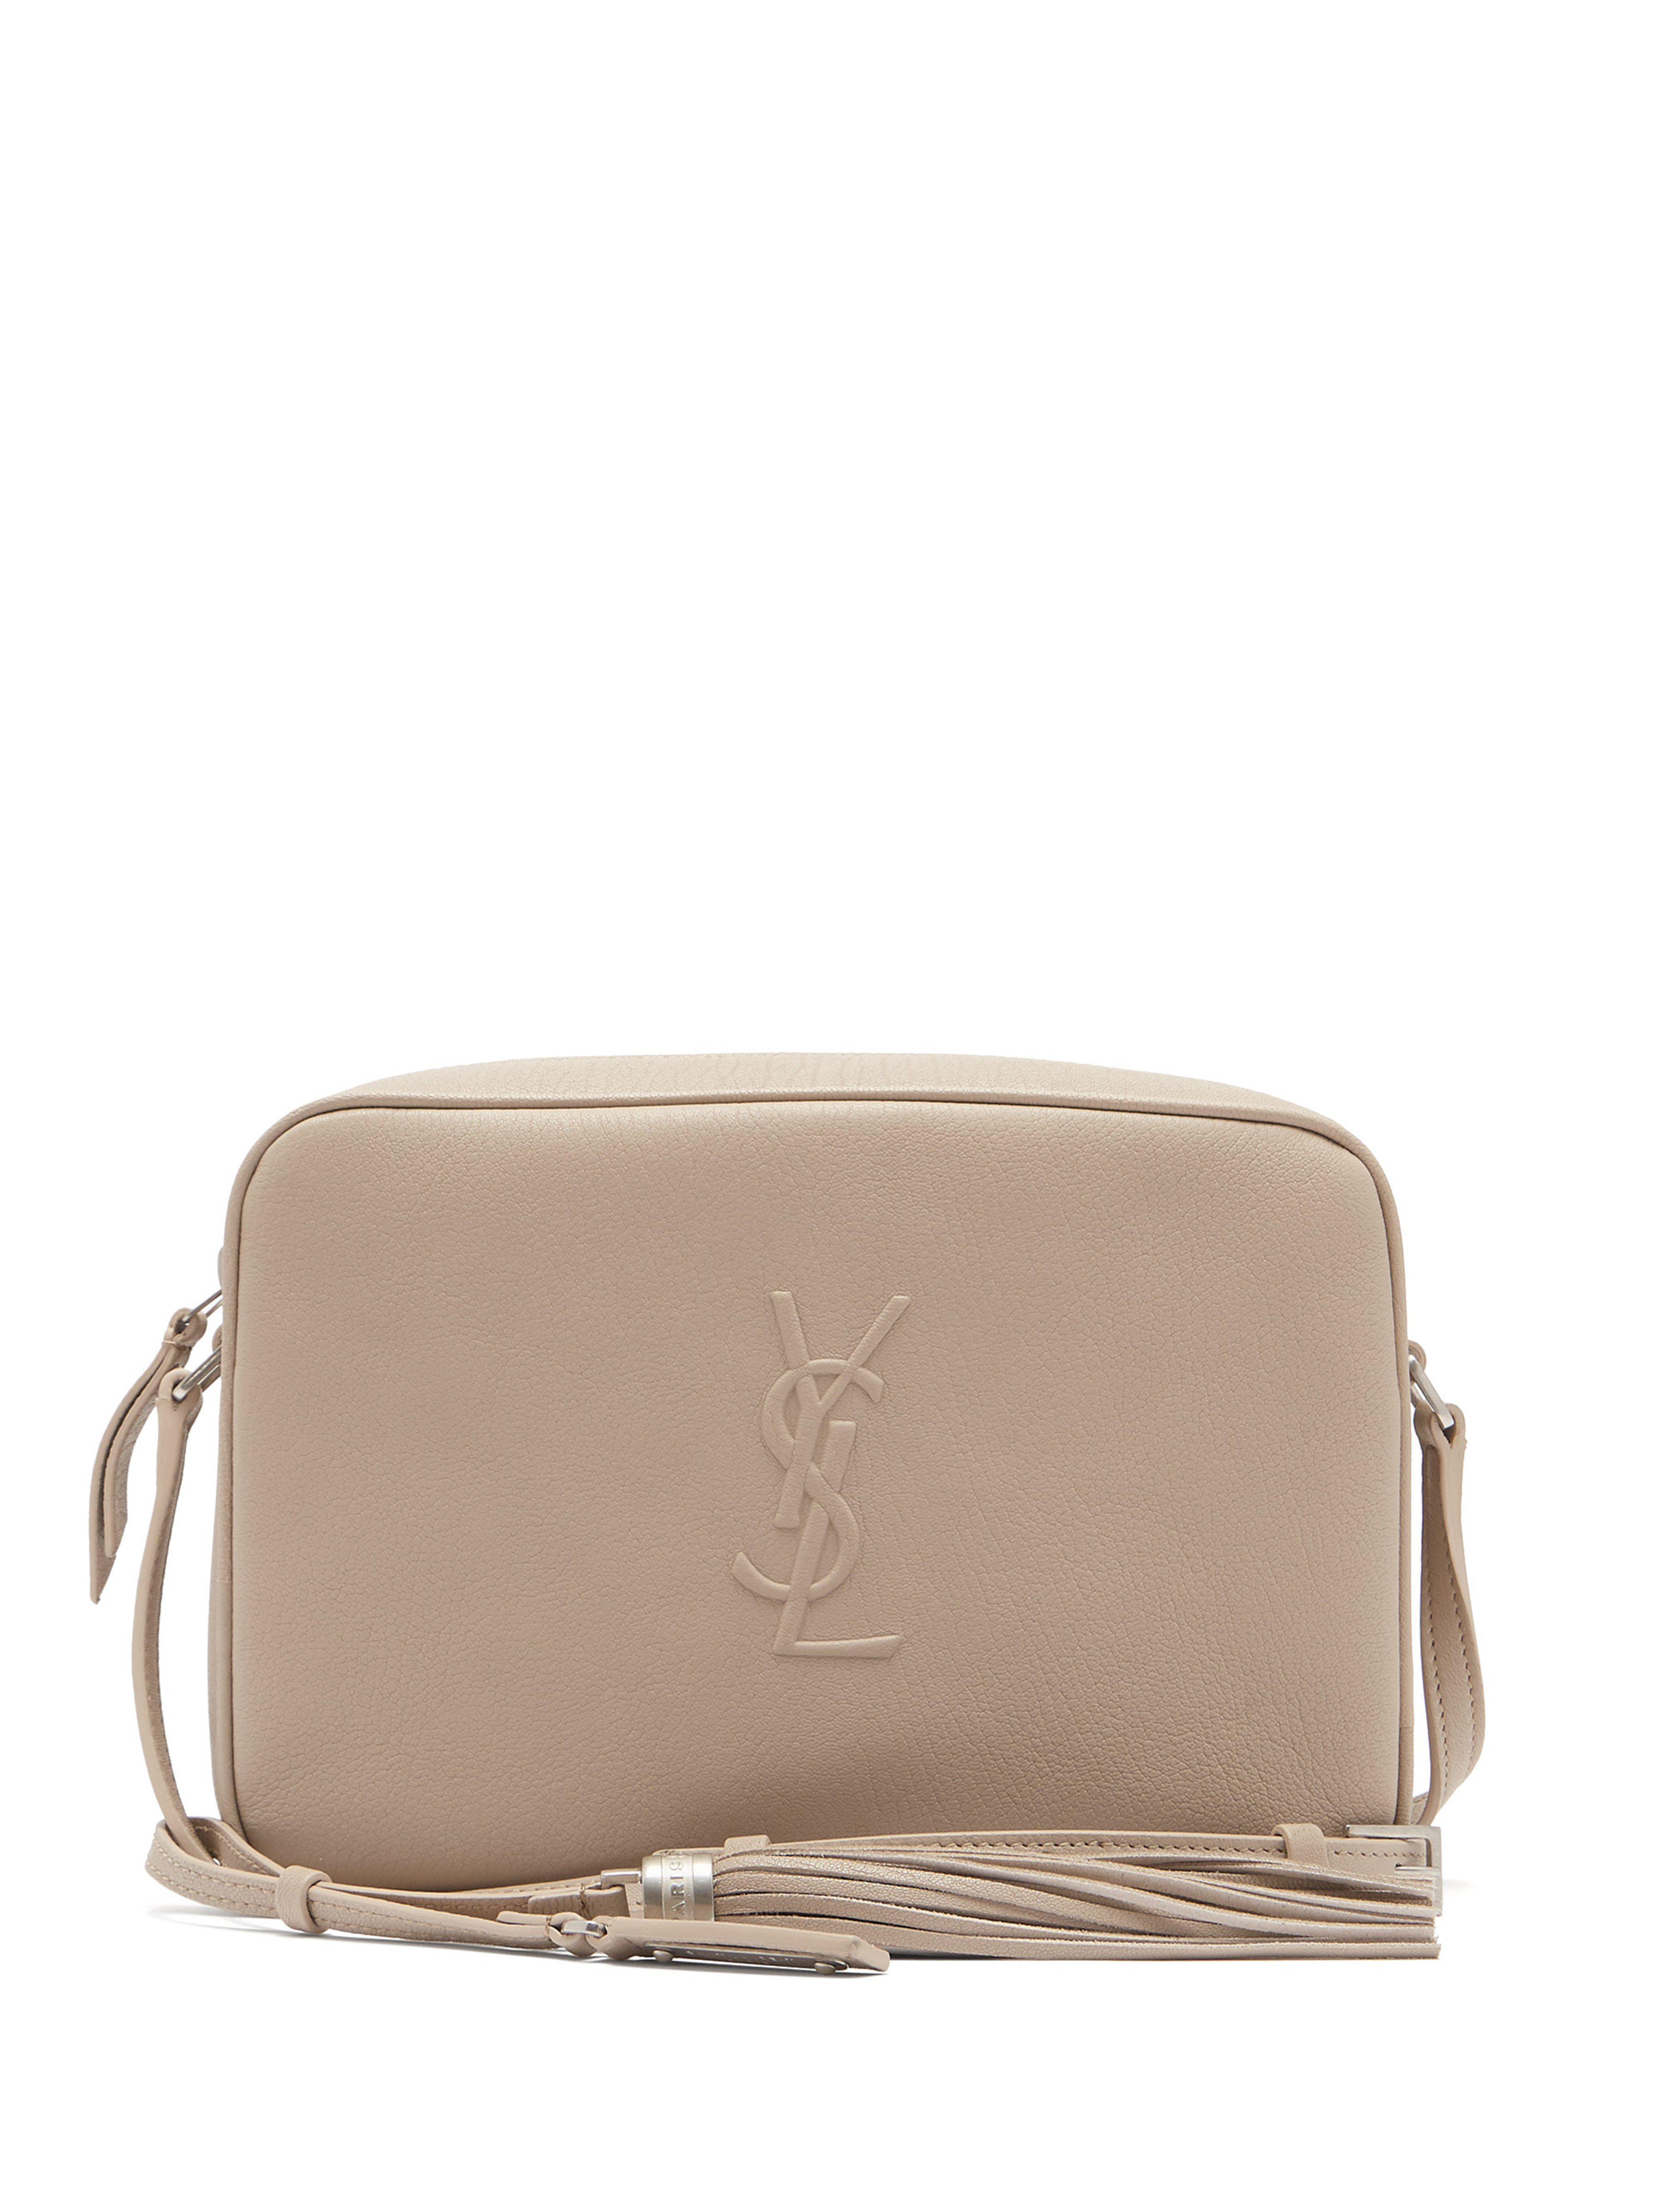 000635176252 Saint Laurent Lou Monogram Leather Cross Body Bag in Natural - Lyst